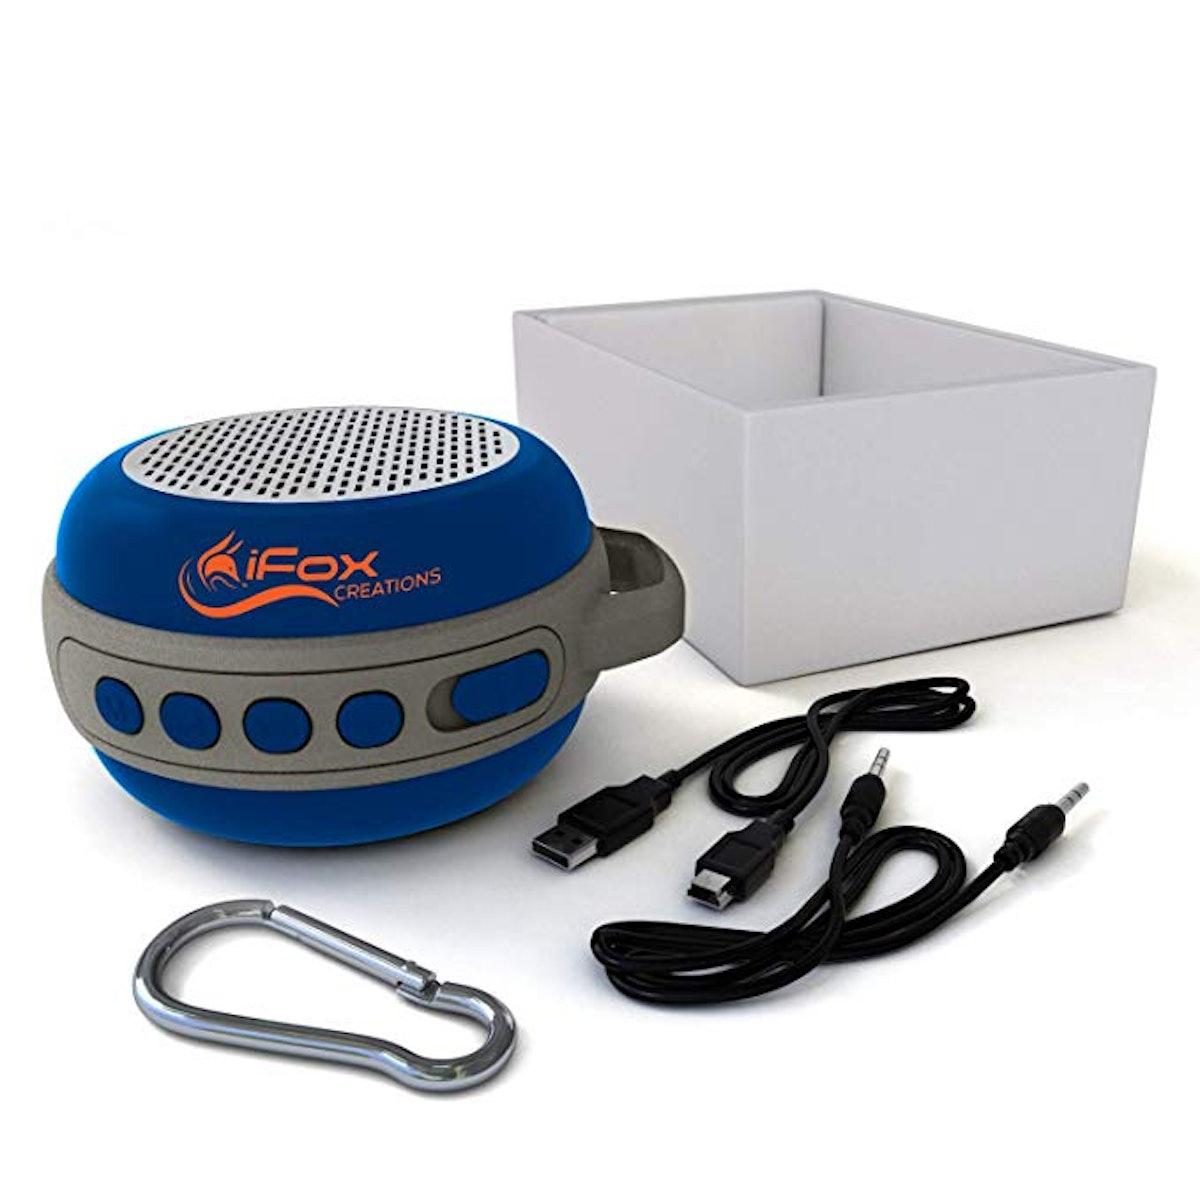 iFox IFS303 Ultra Portable Bluetooth Speaker